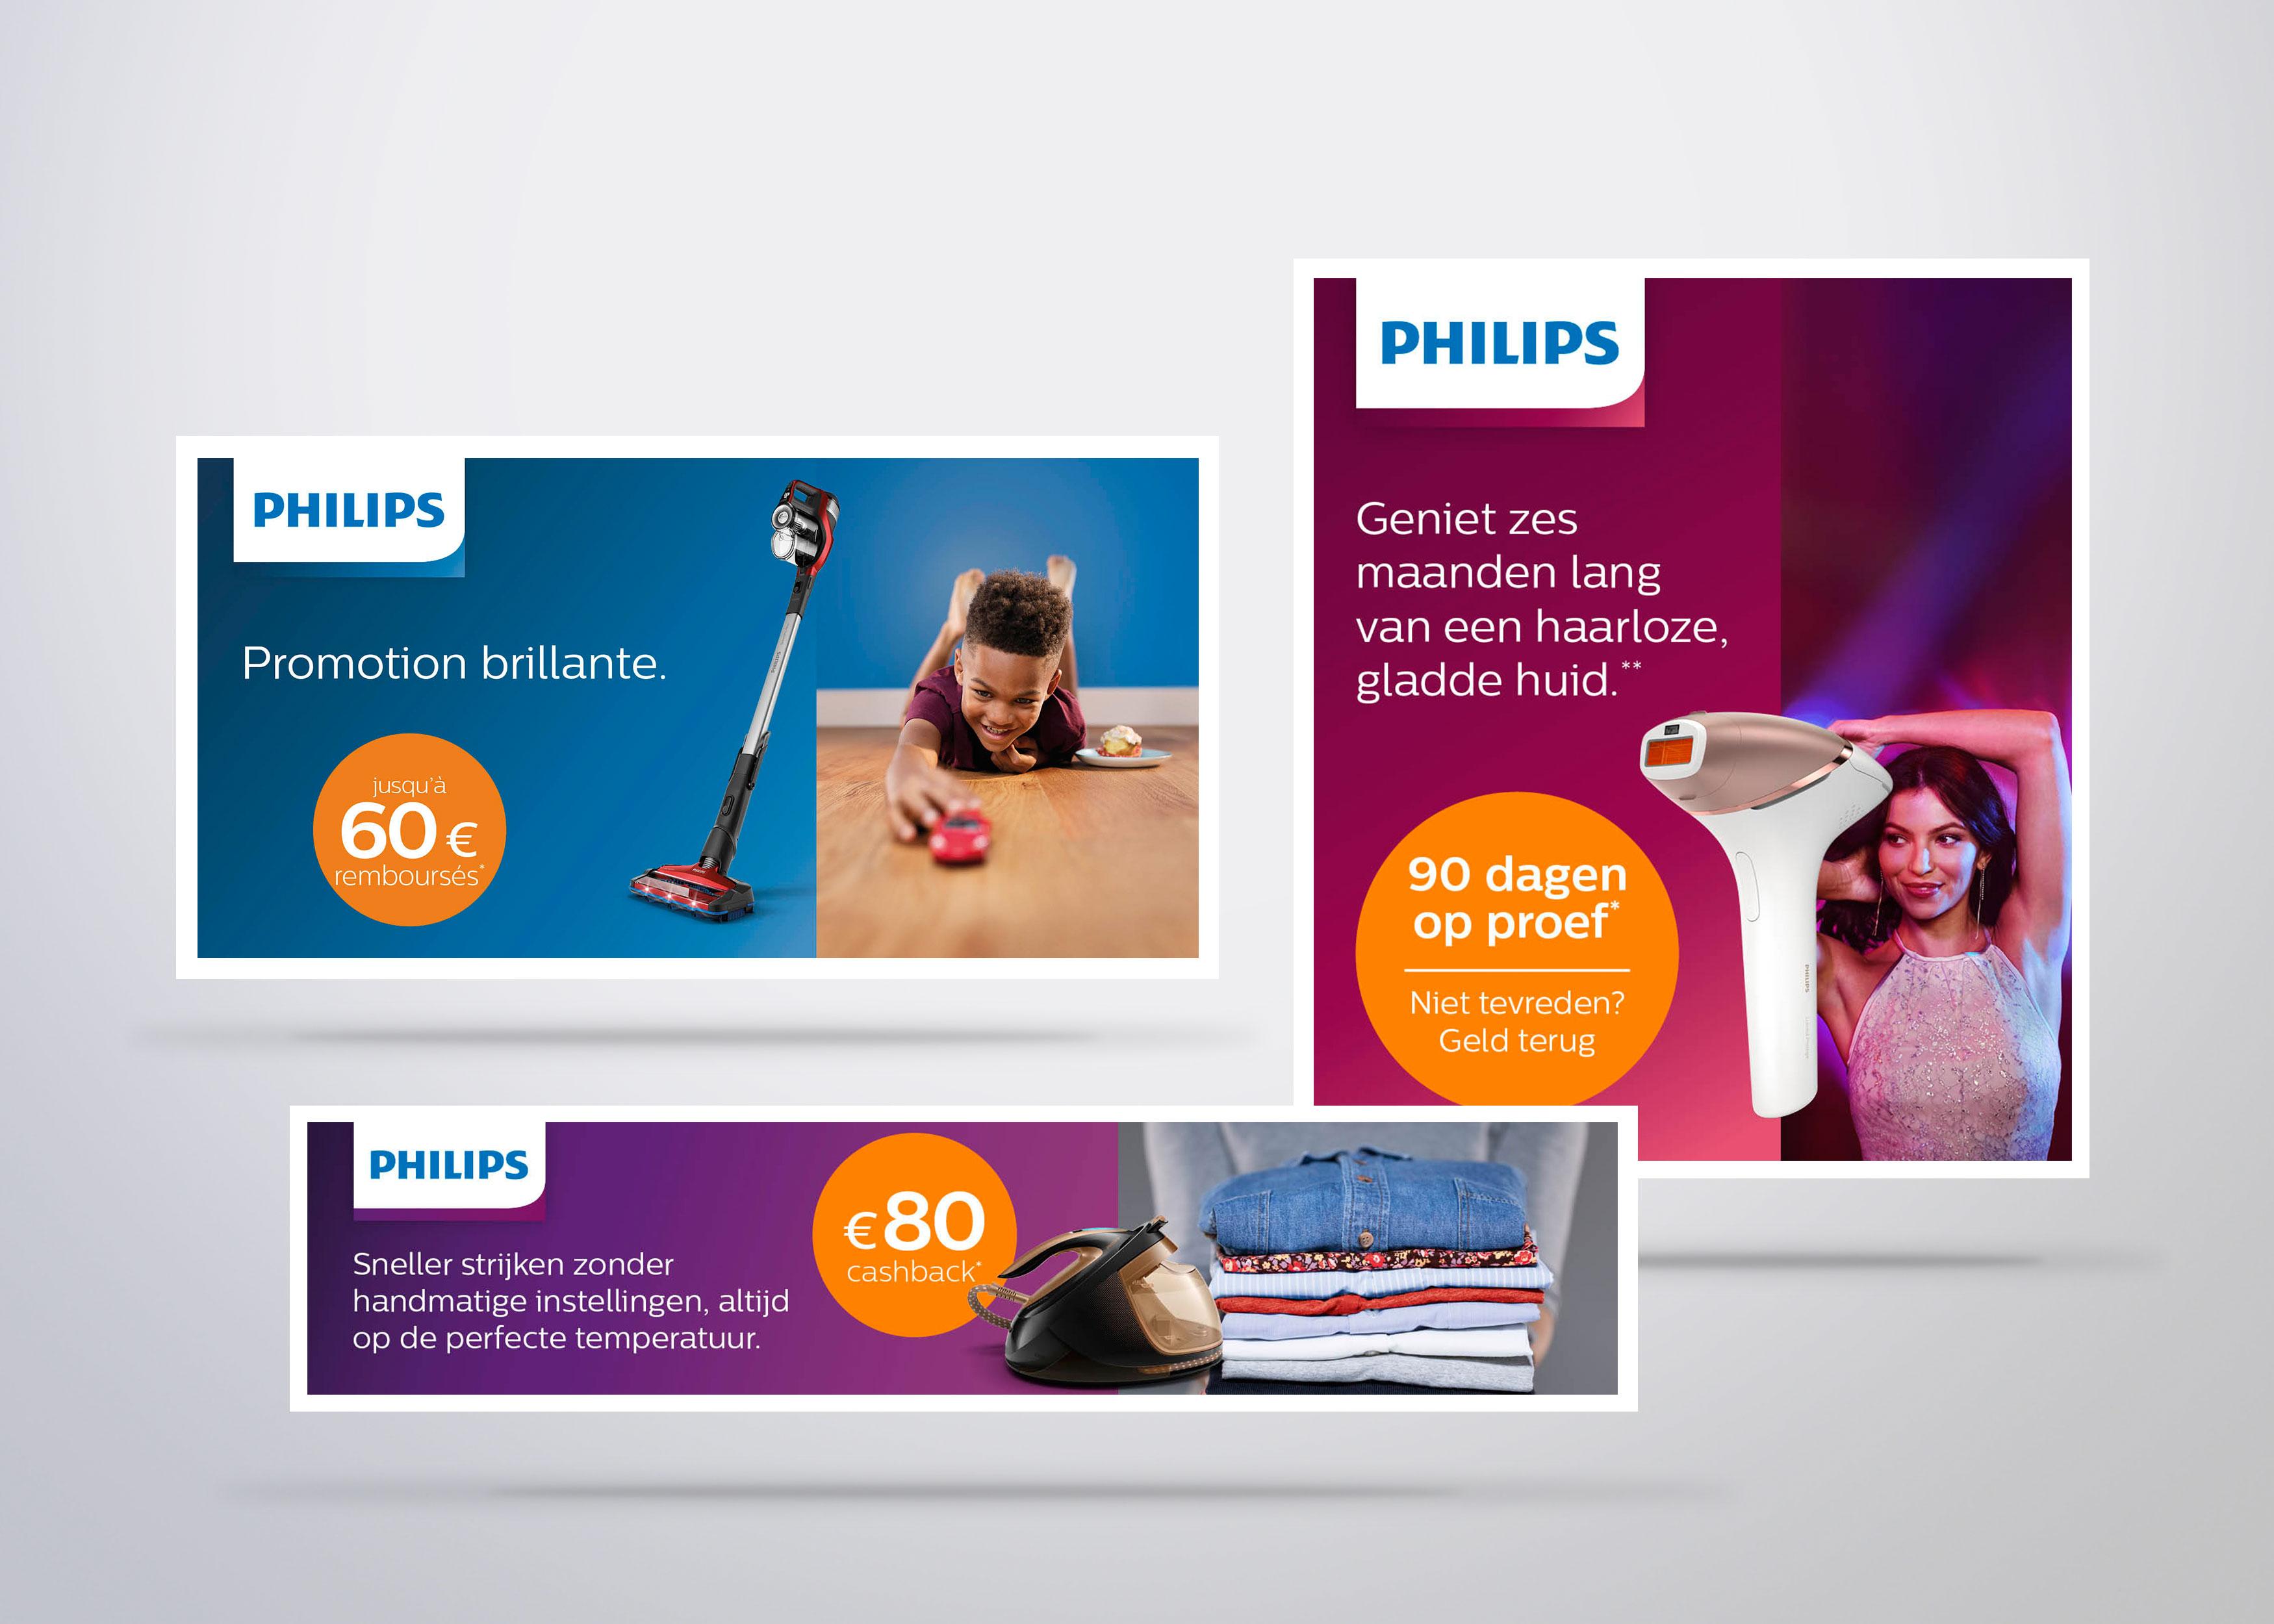 Philips Voorjaarsactie - Image de marque & branding